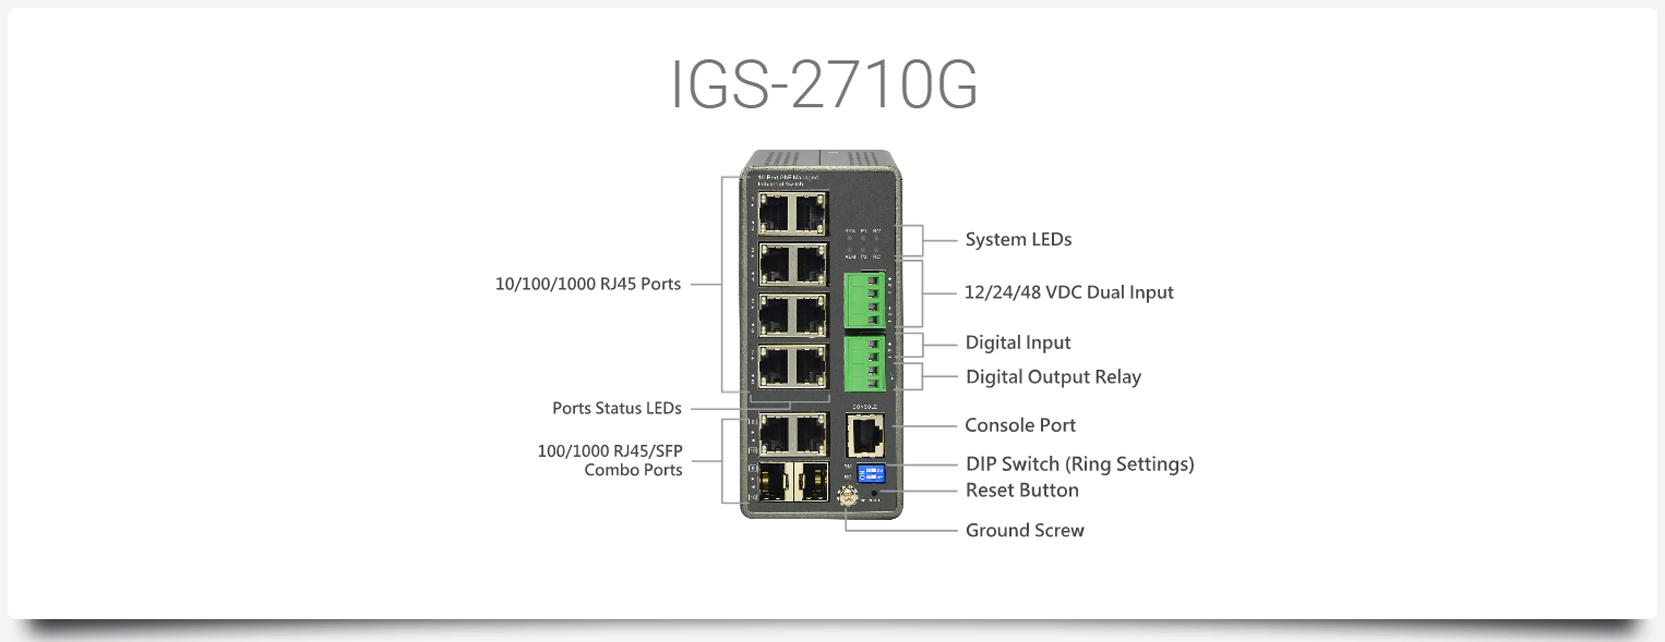 IGS-2710G